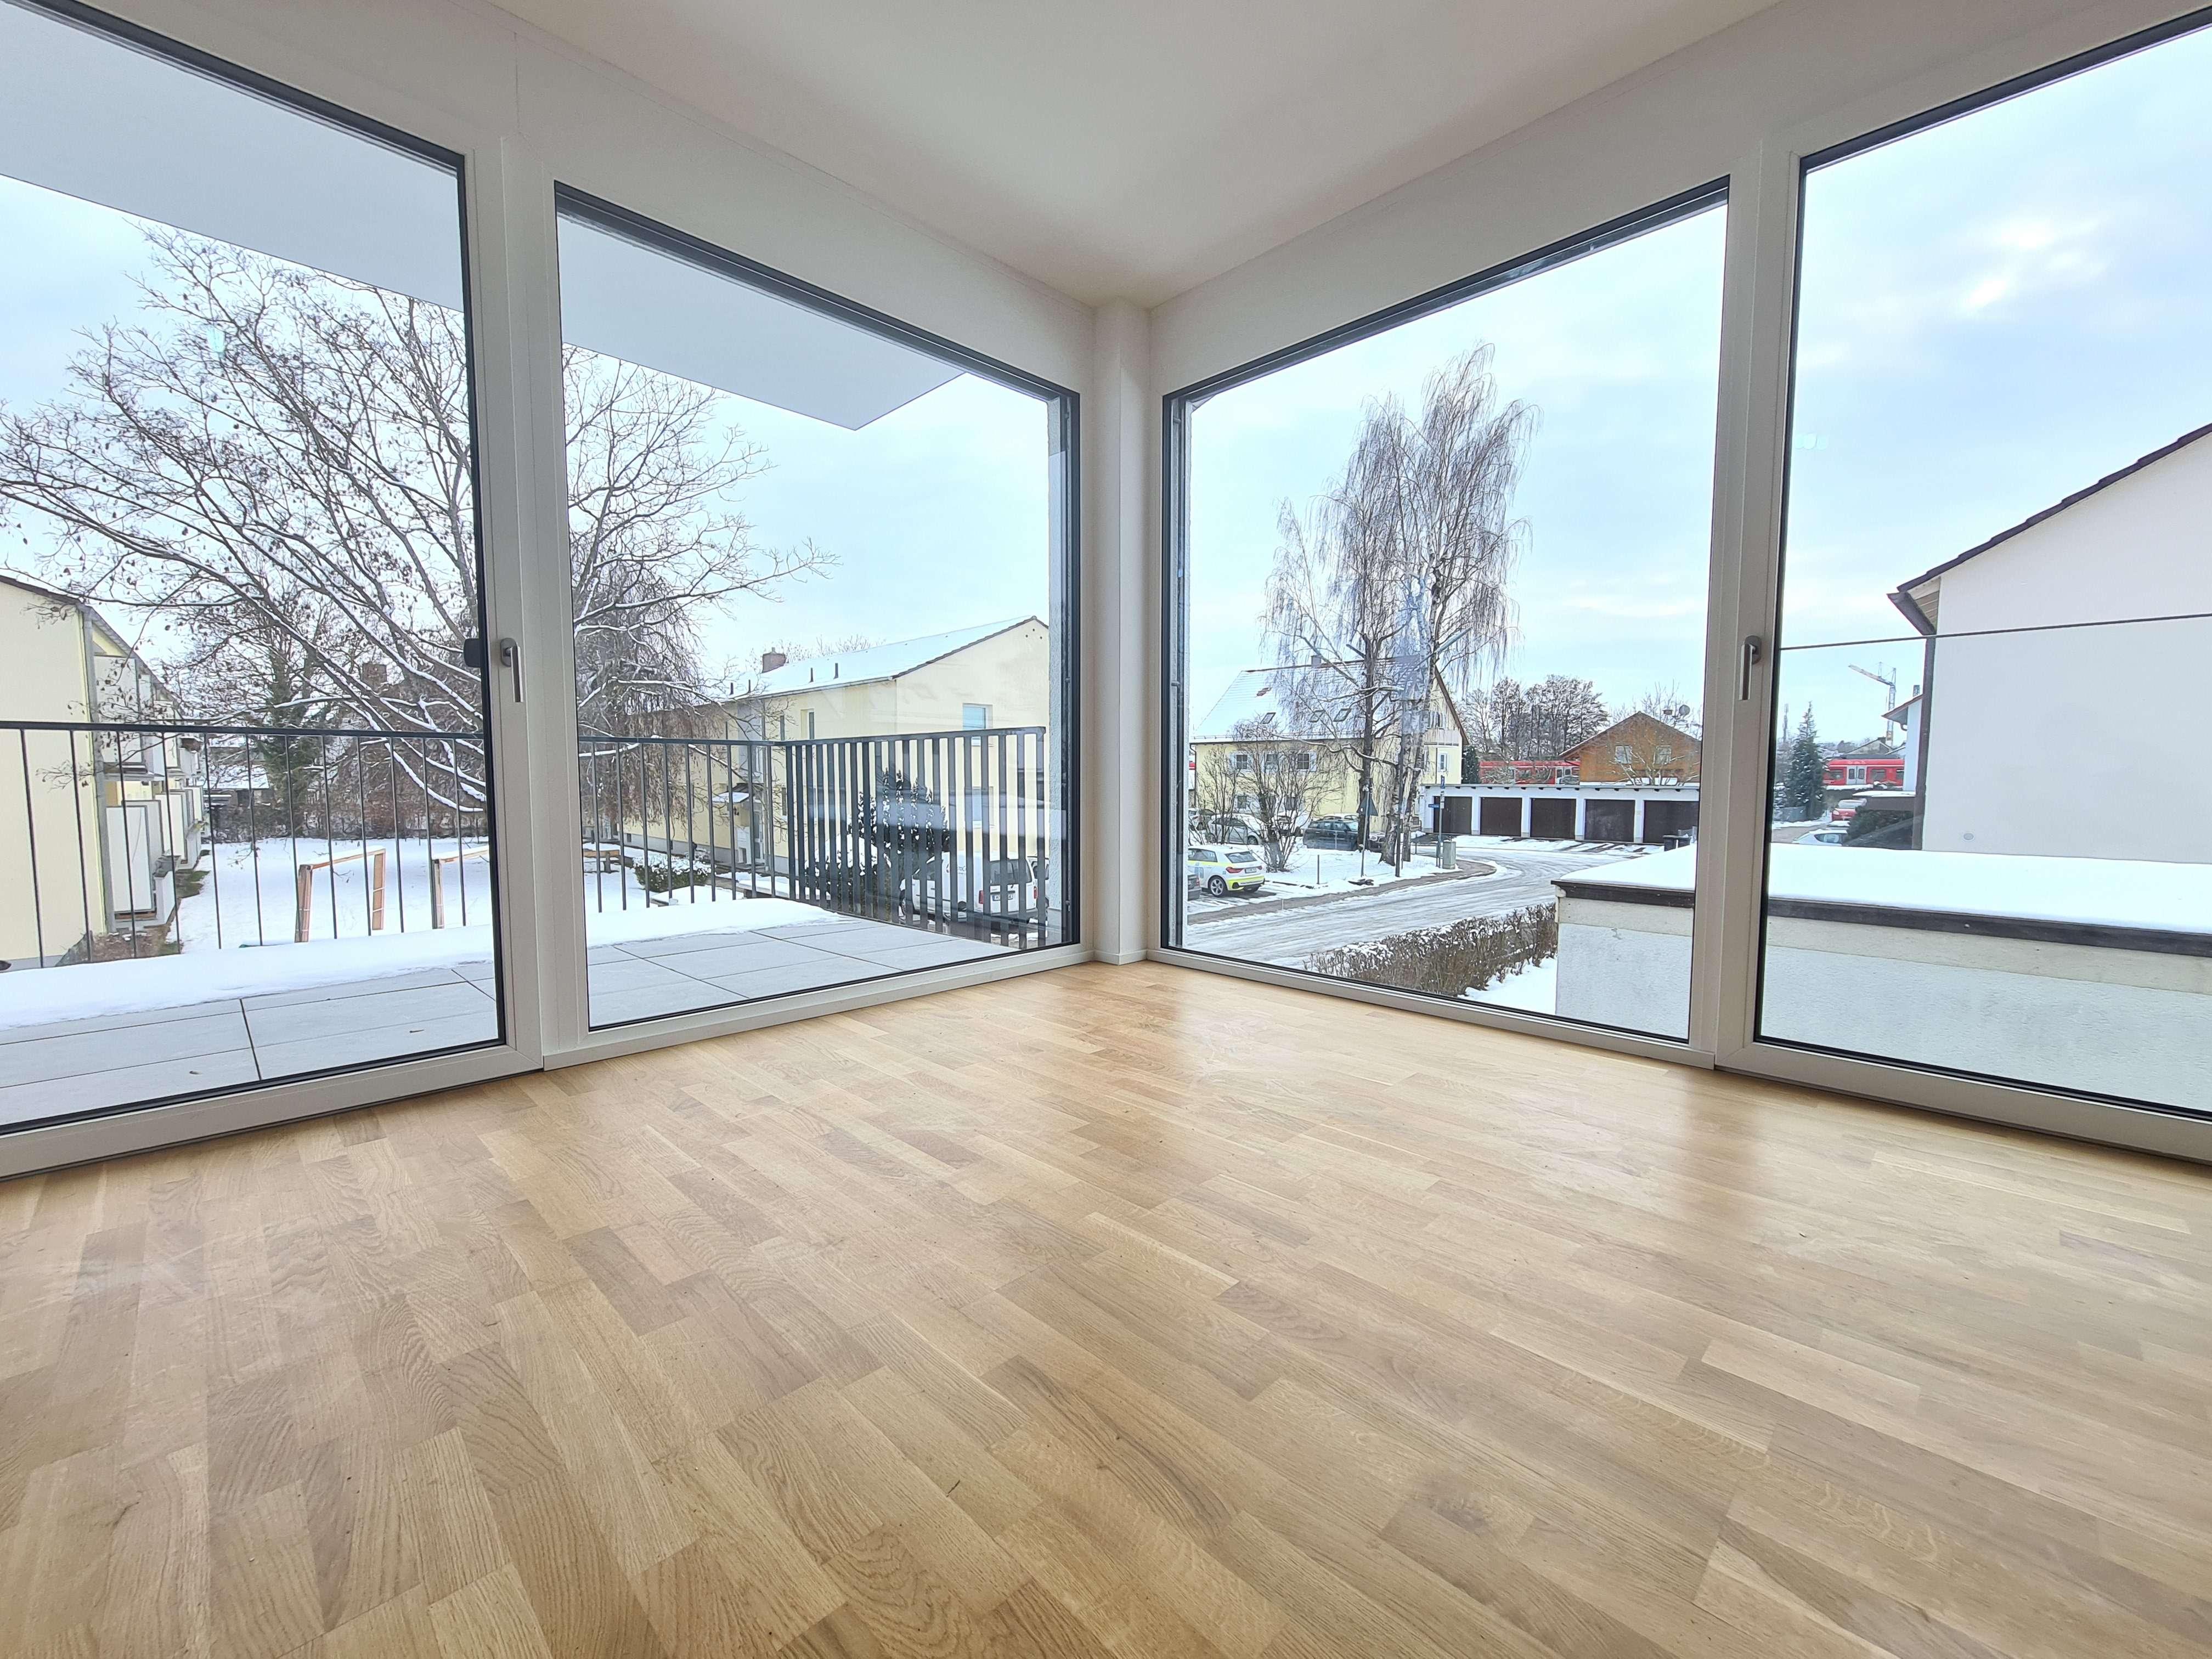 Neubau-Erstbezug! Exklusive 3 Zimmer Wohnung in Neufahrn in